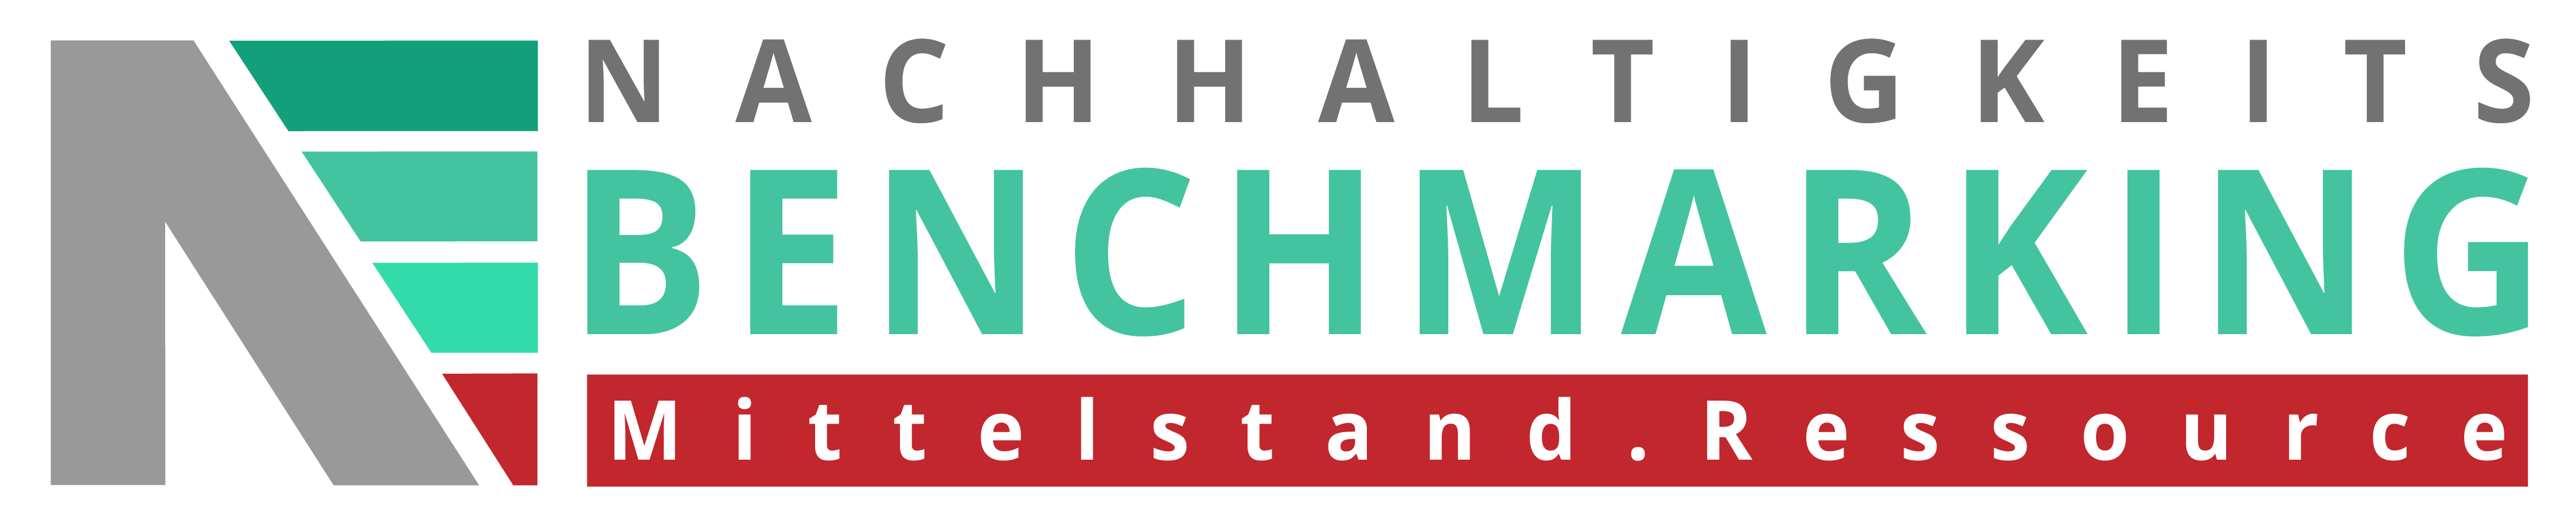 NACHHALTIGKEITS-BENCHMARKING